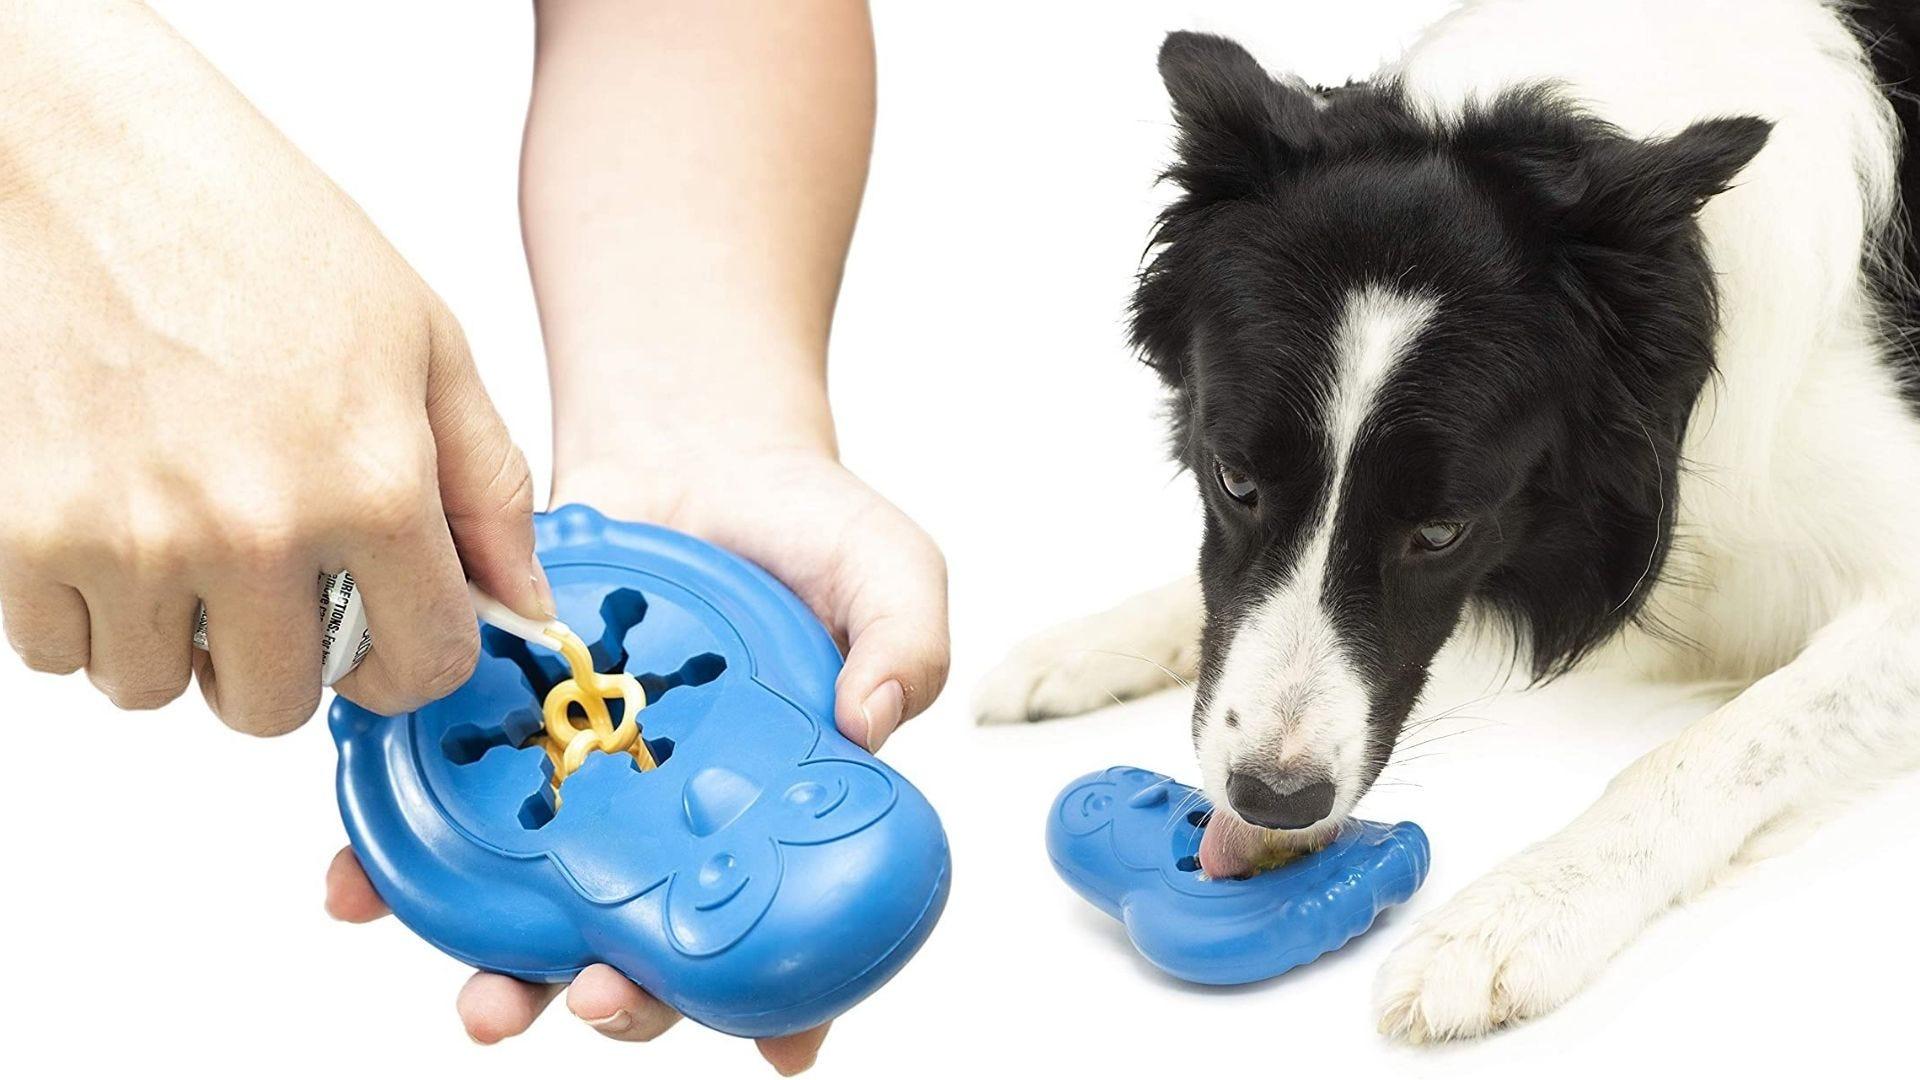 Alguien pone golosinas en un juguete para perros con forma de pingüino y un perro se lo come.